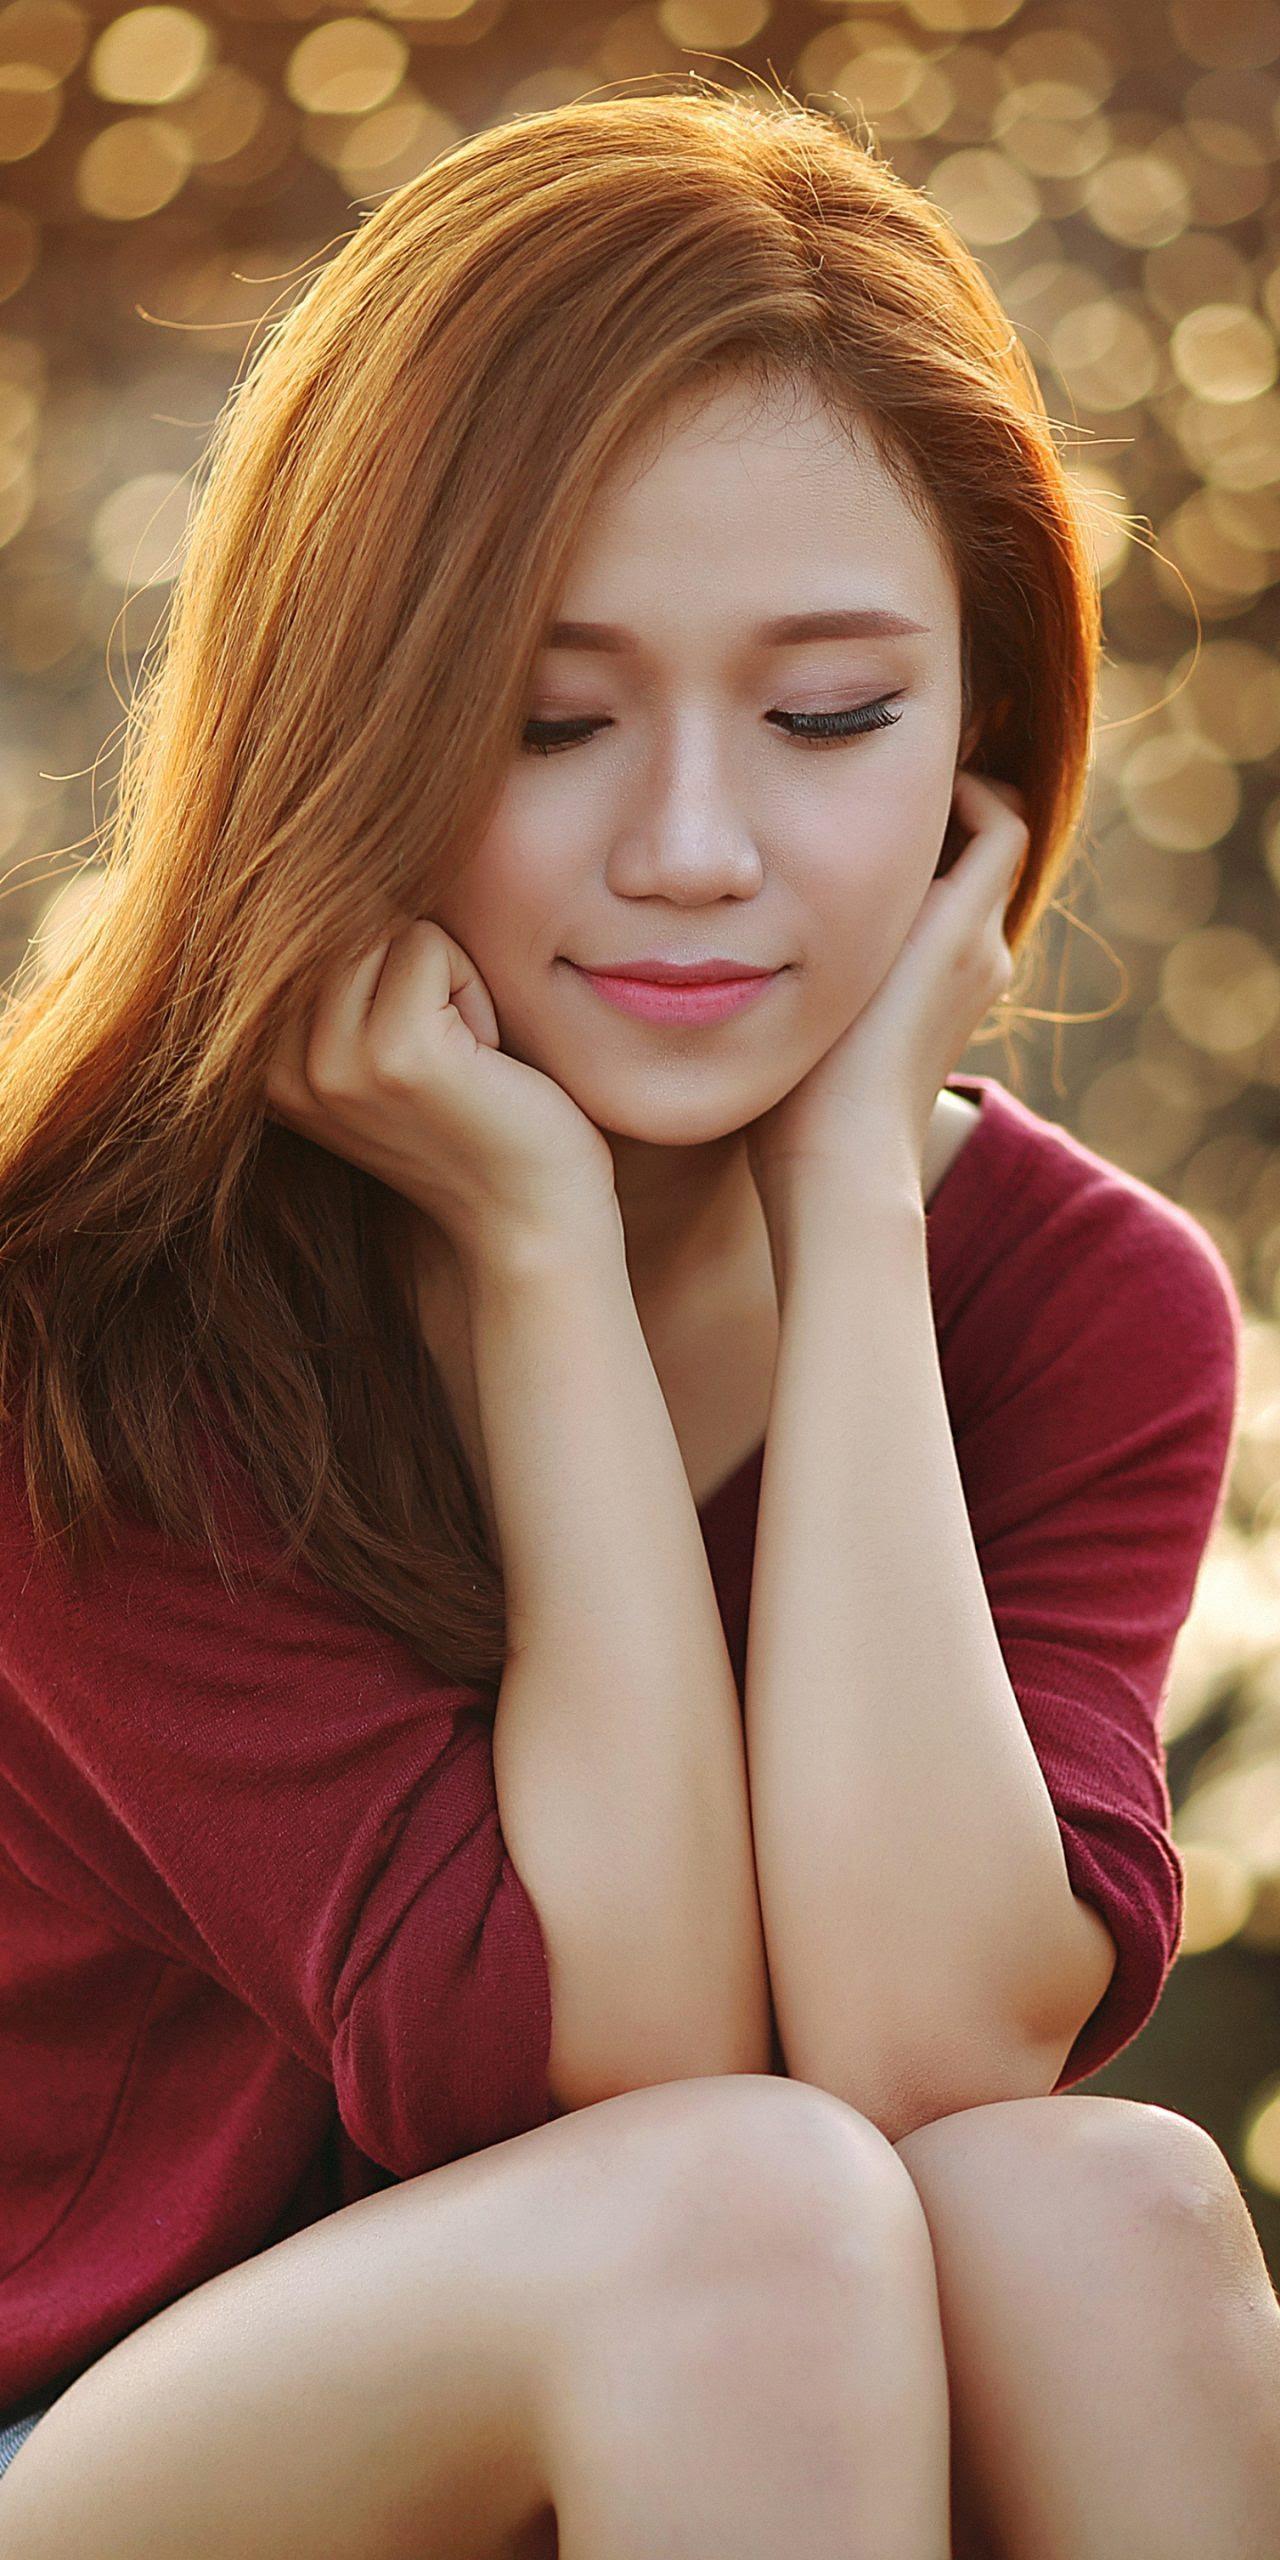 アジア女性のスマホ壁紙 Iphone Xs Max 1242 2688 Iphoneチーズ